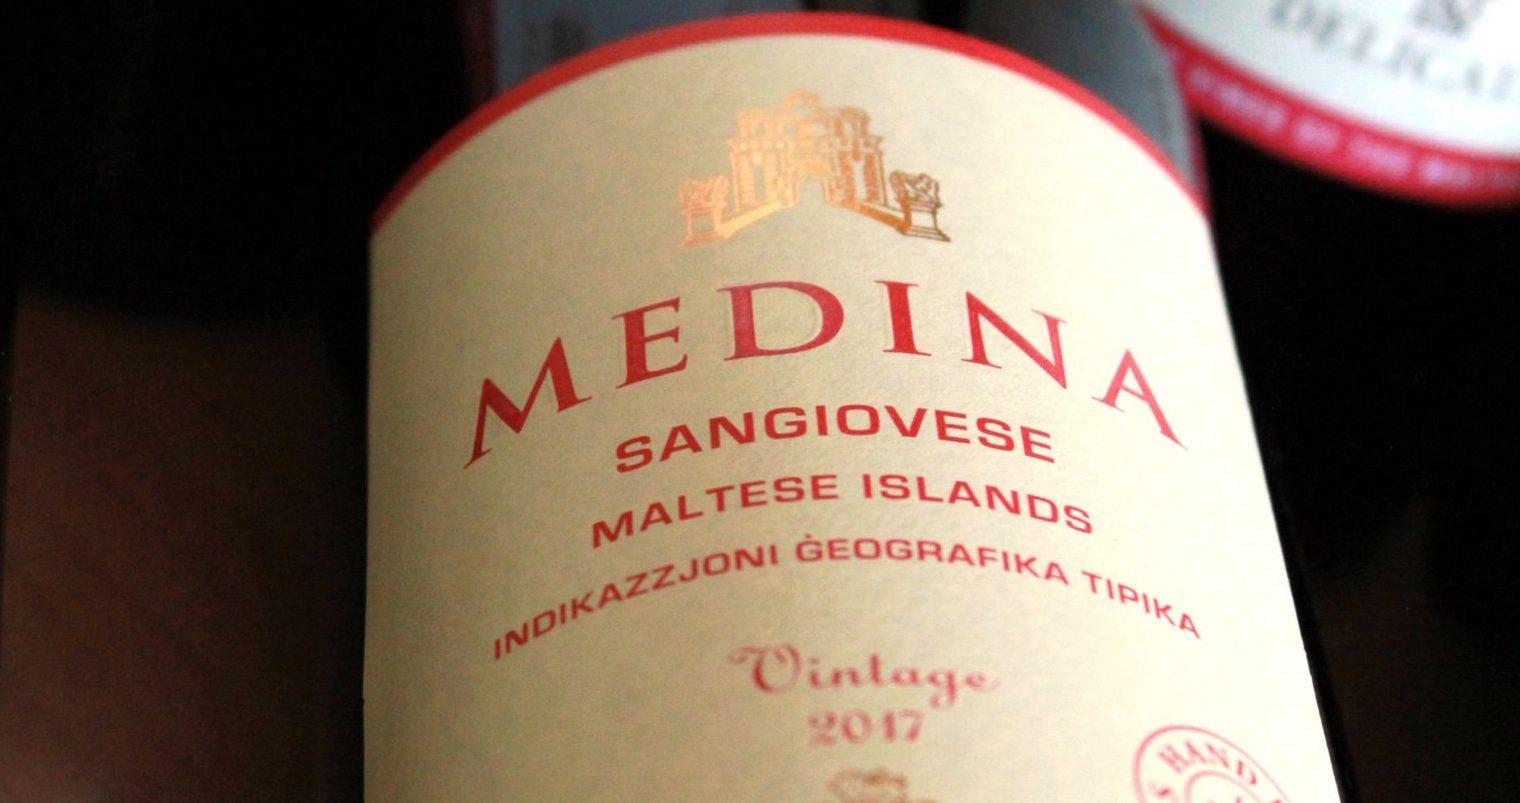 Malta's little-known Sangiovese